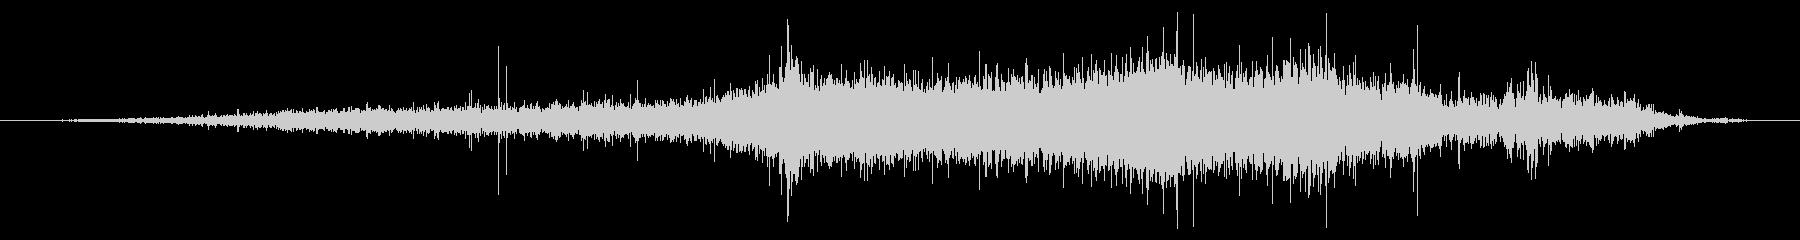 オールドピックアップトラック:Ex...の未再生の波形